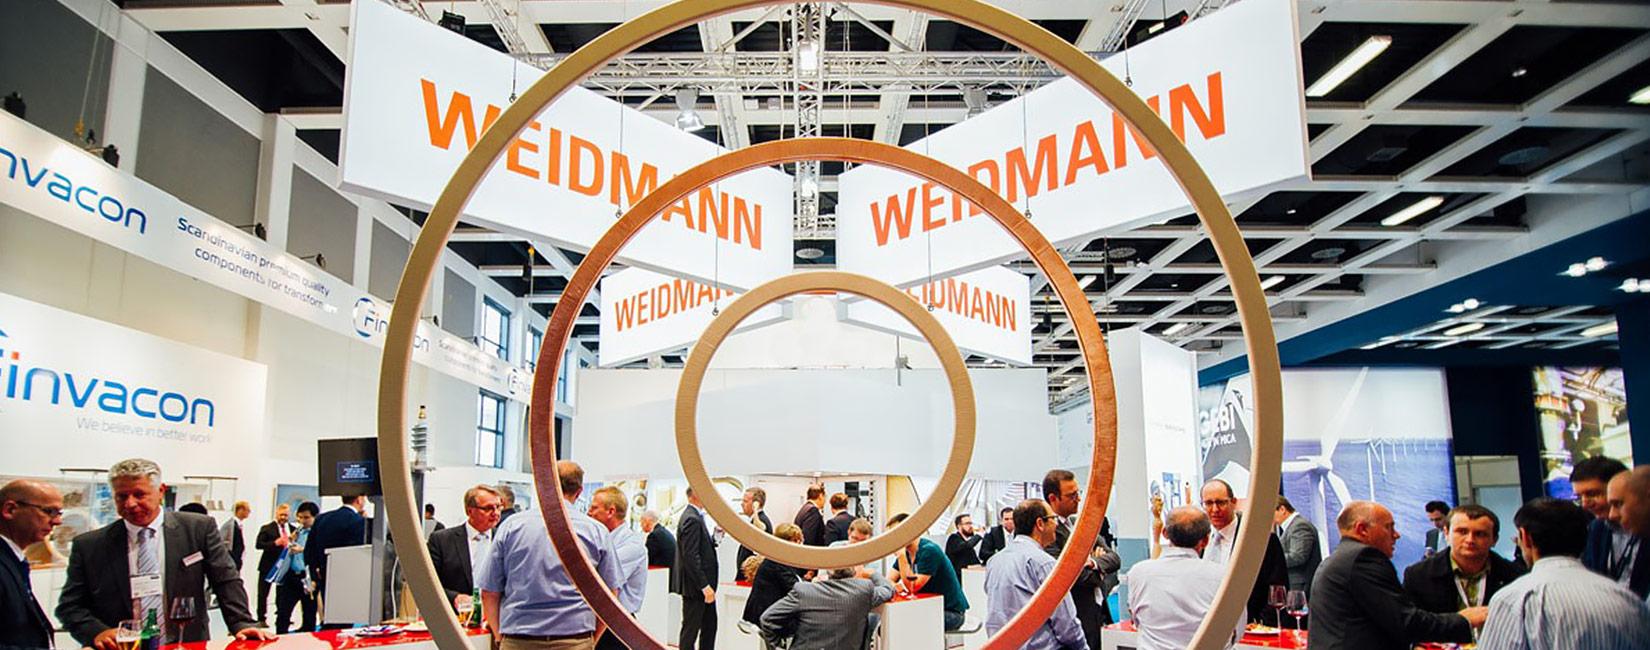 Join Weidmann at Coil Winding 2018